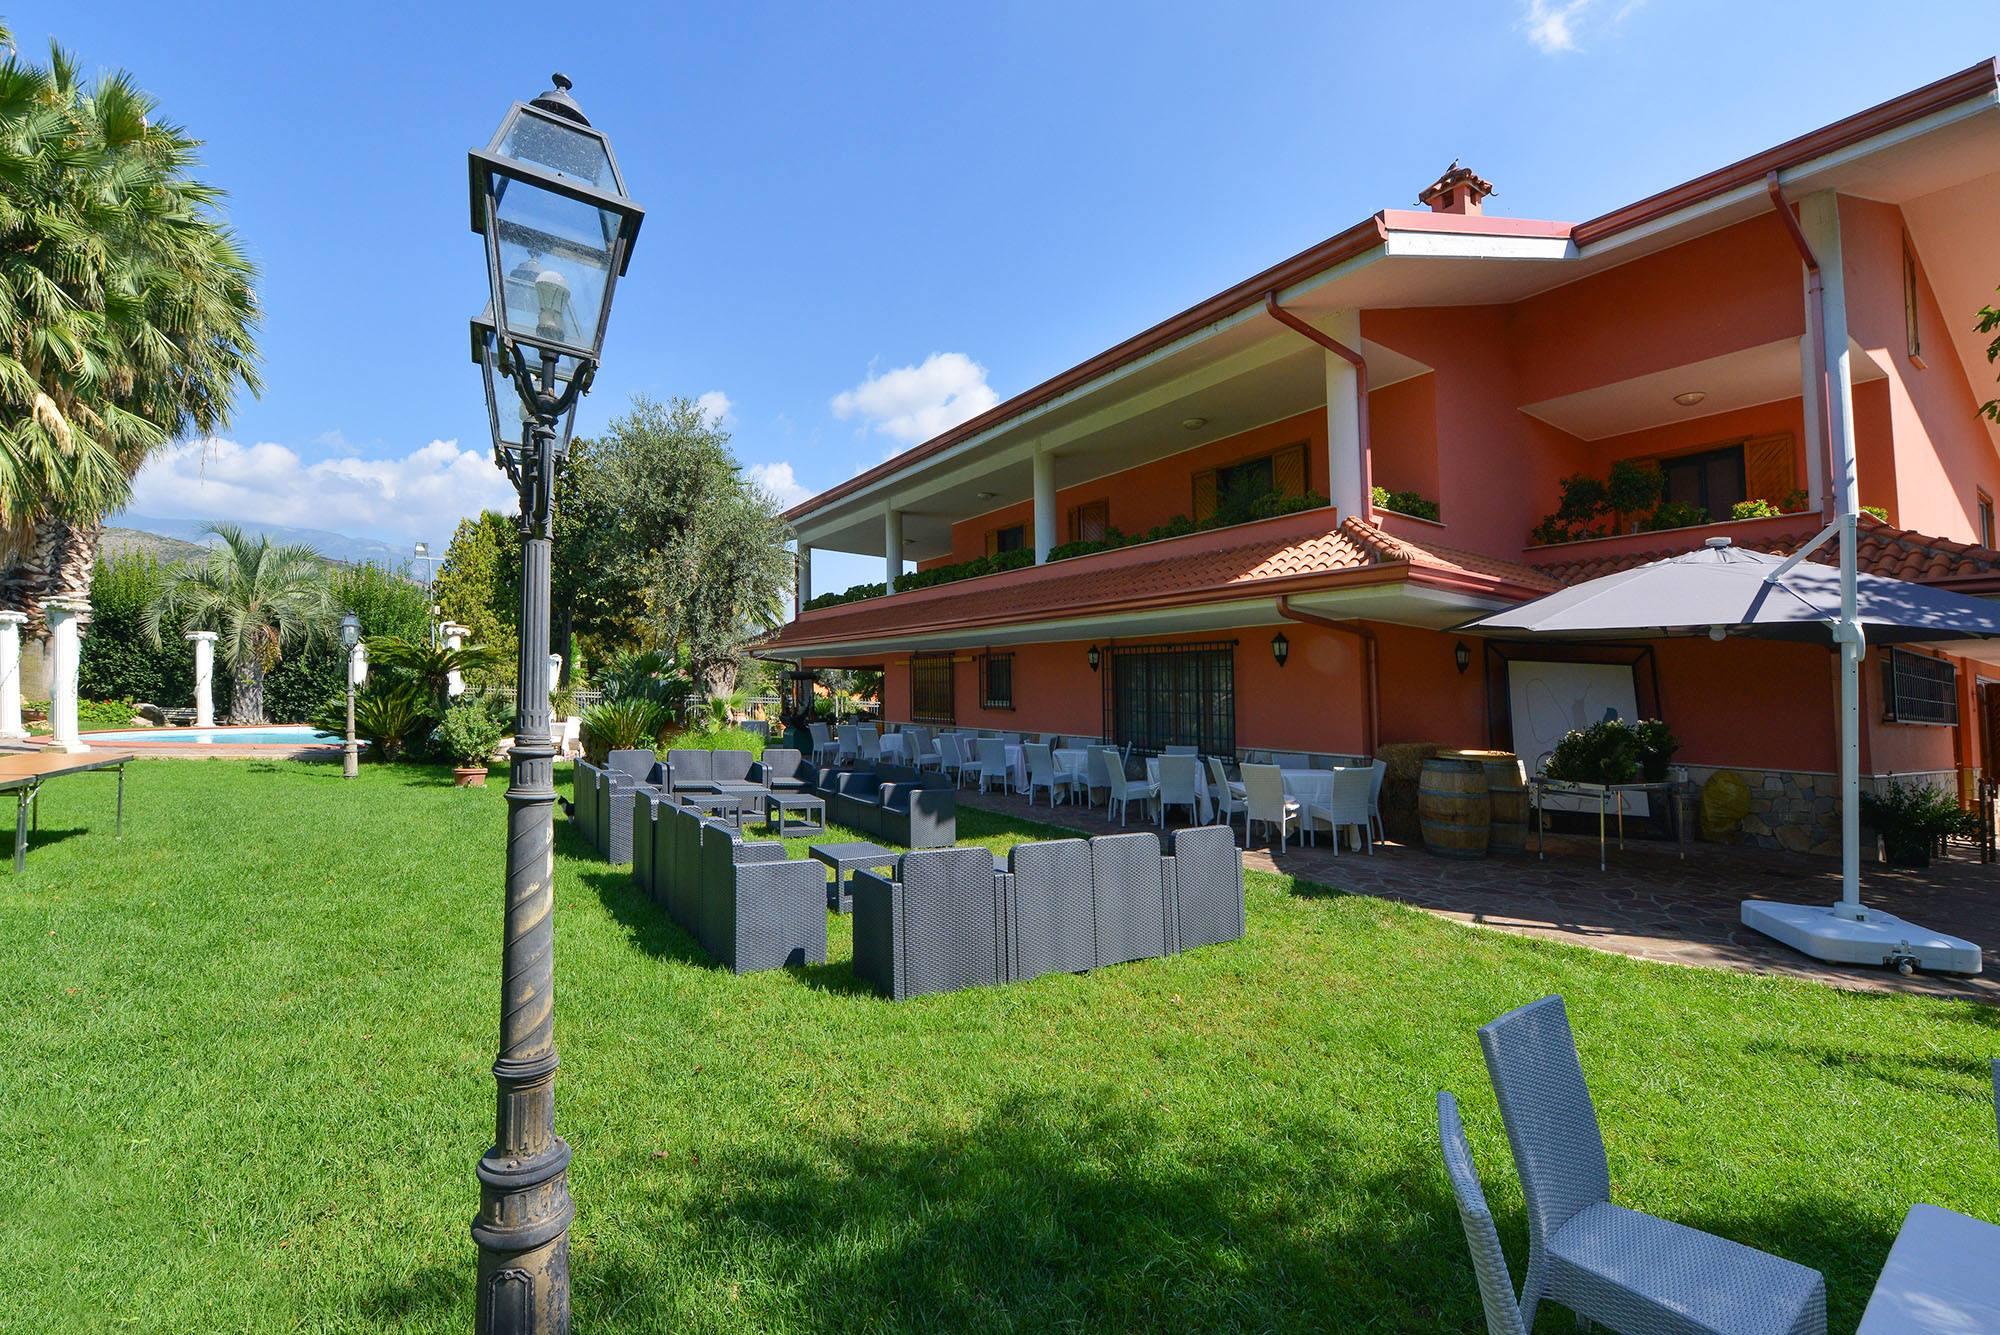 ristorante-angeluccio-sezze-4